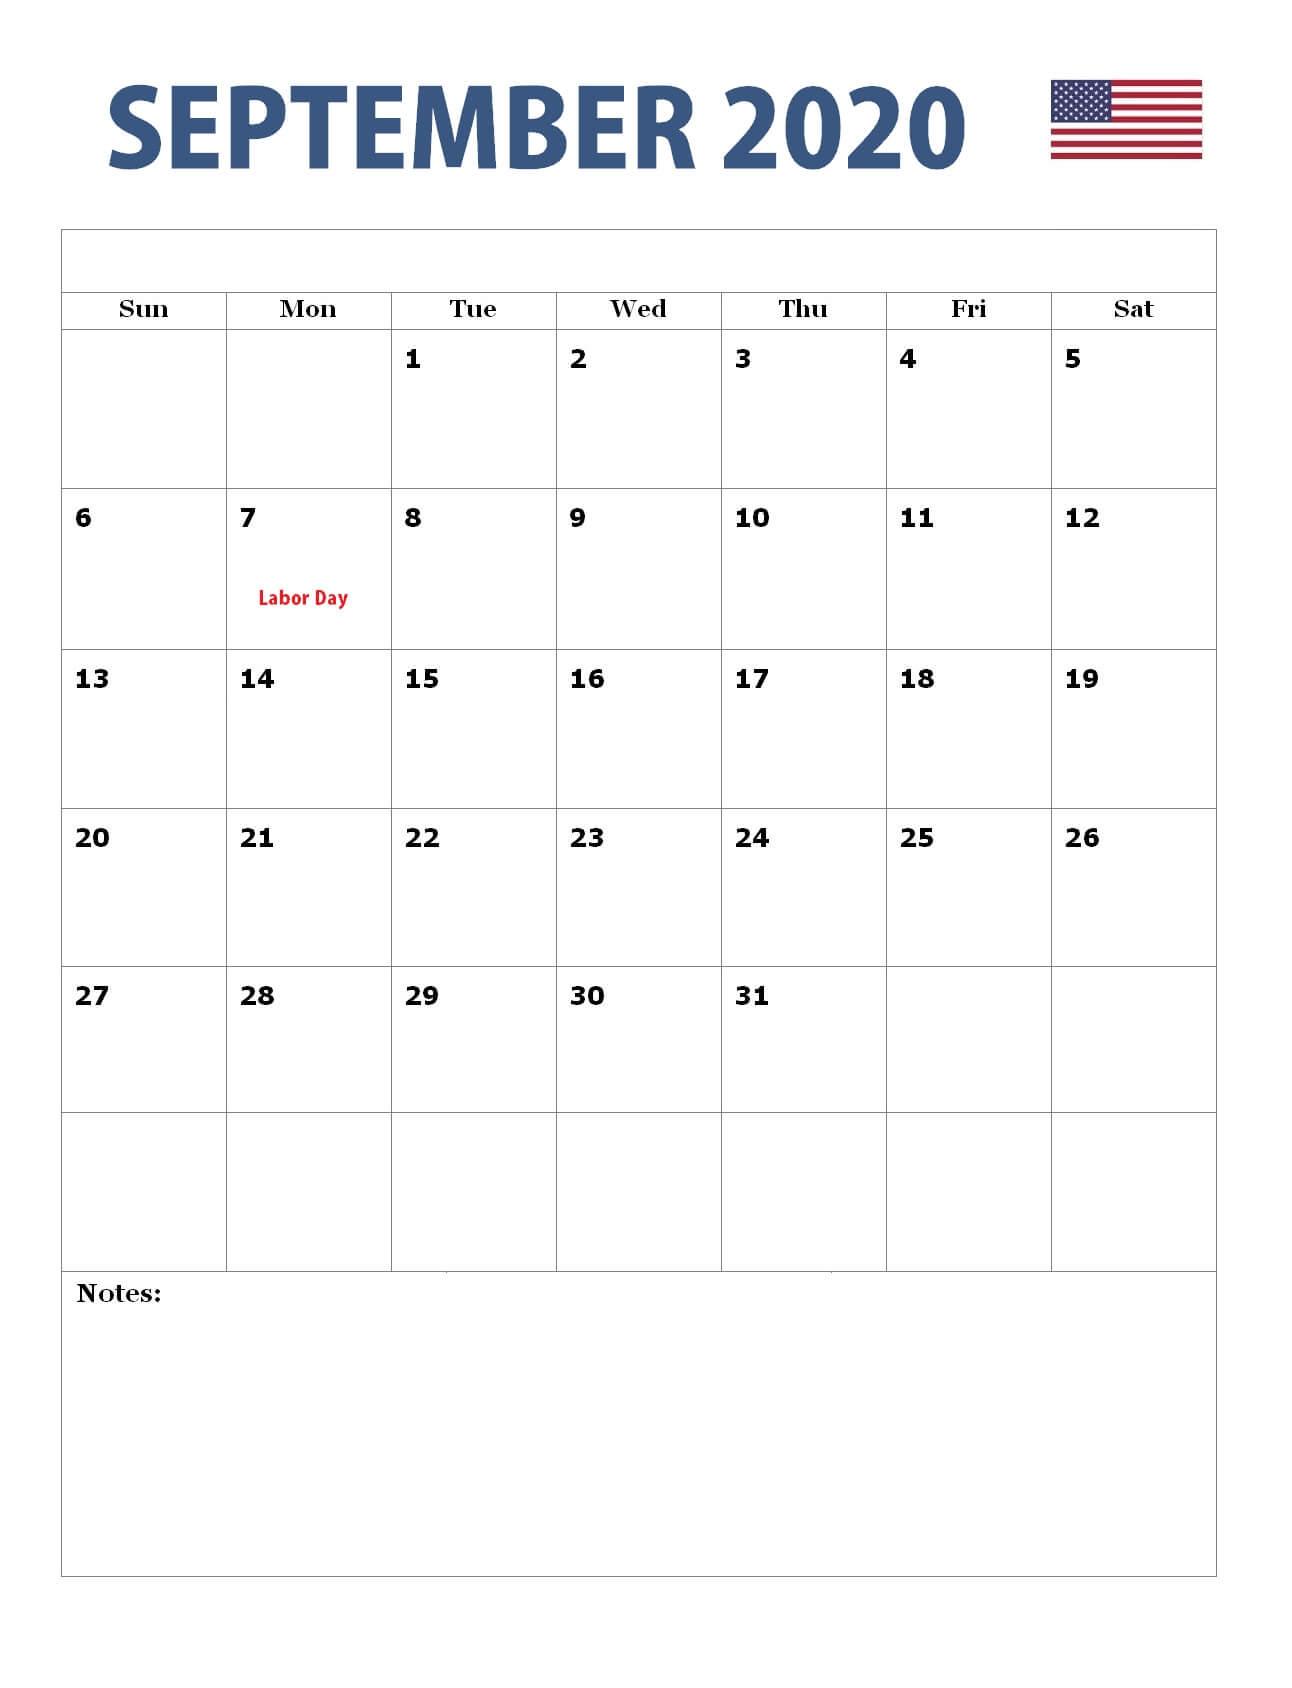 September 2020 USA Holidays Calendar